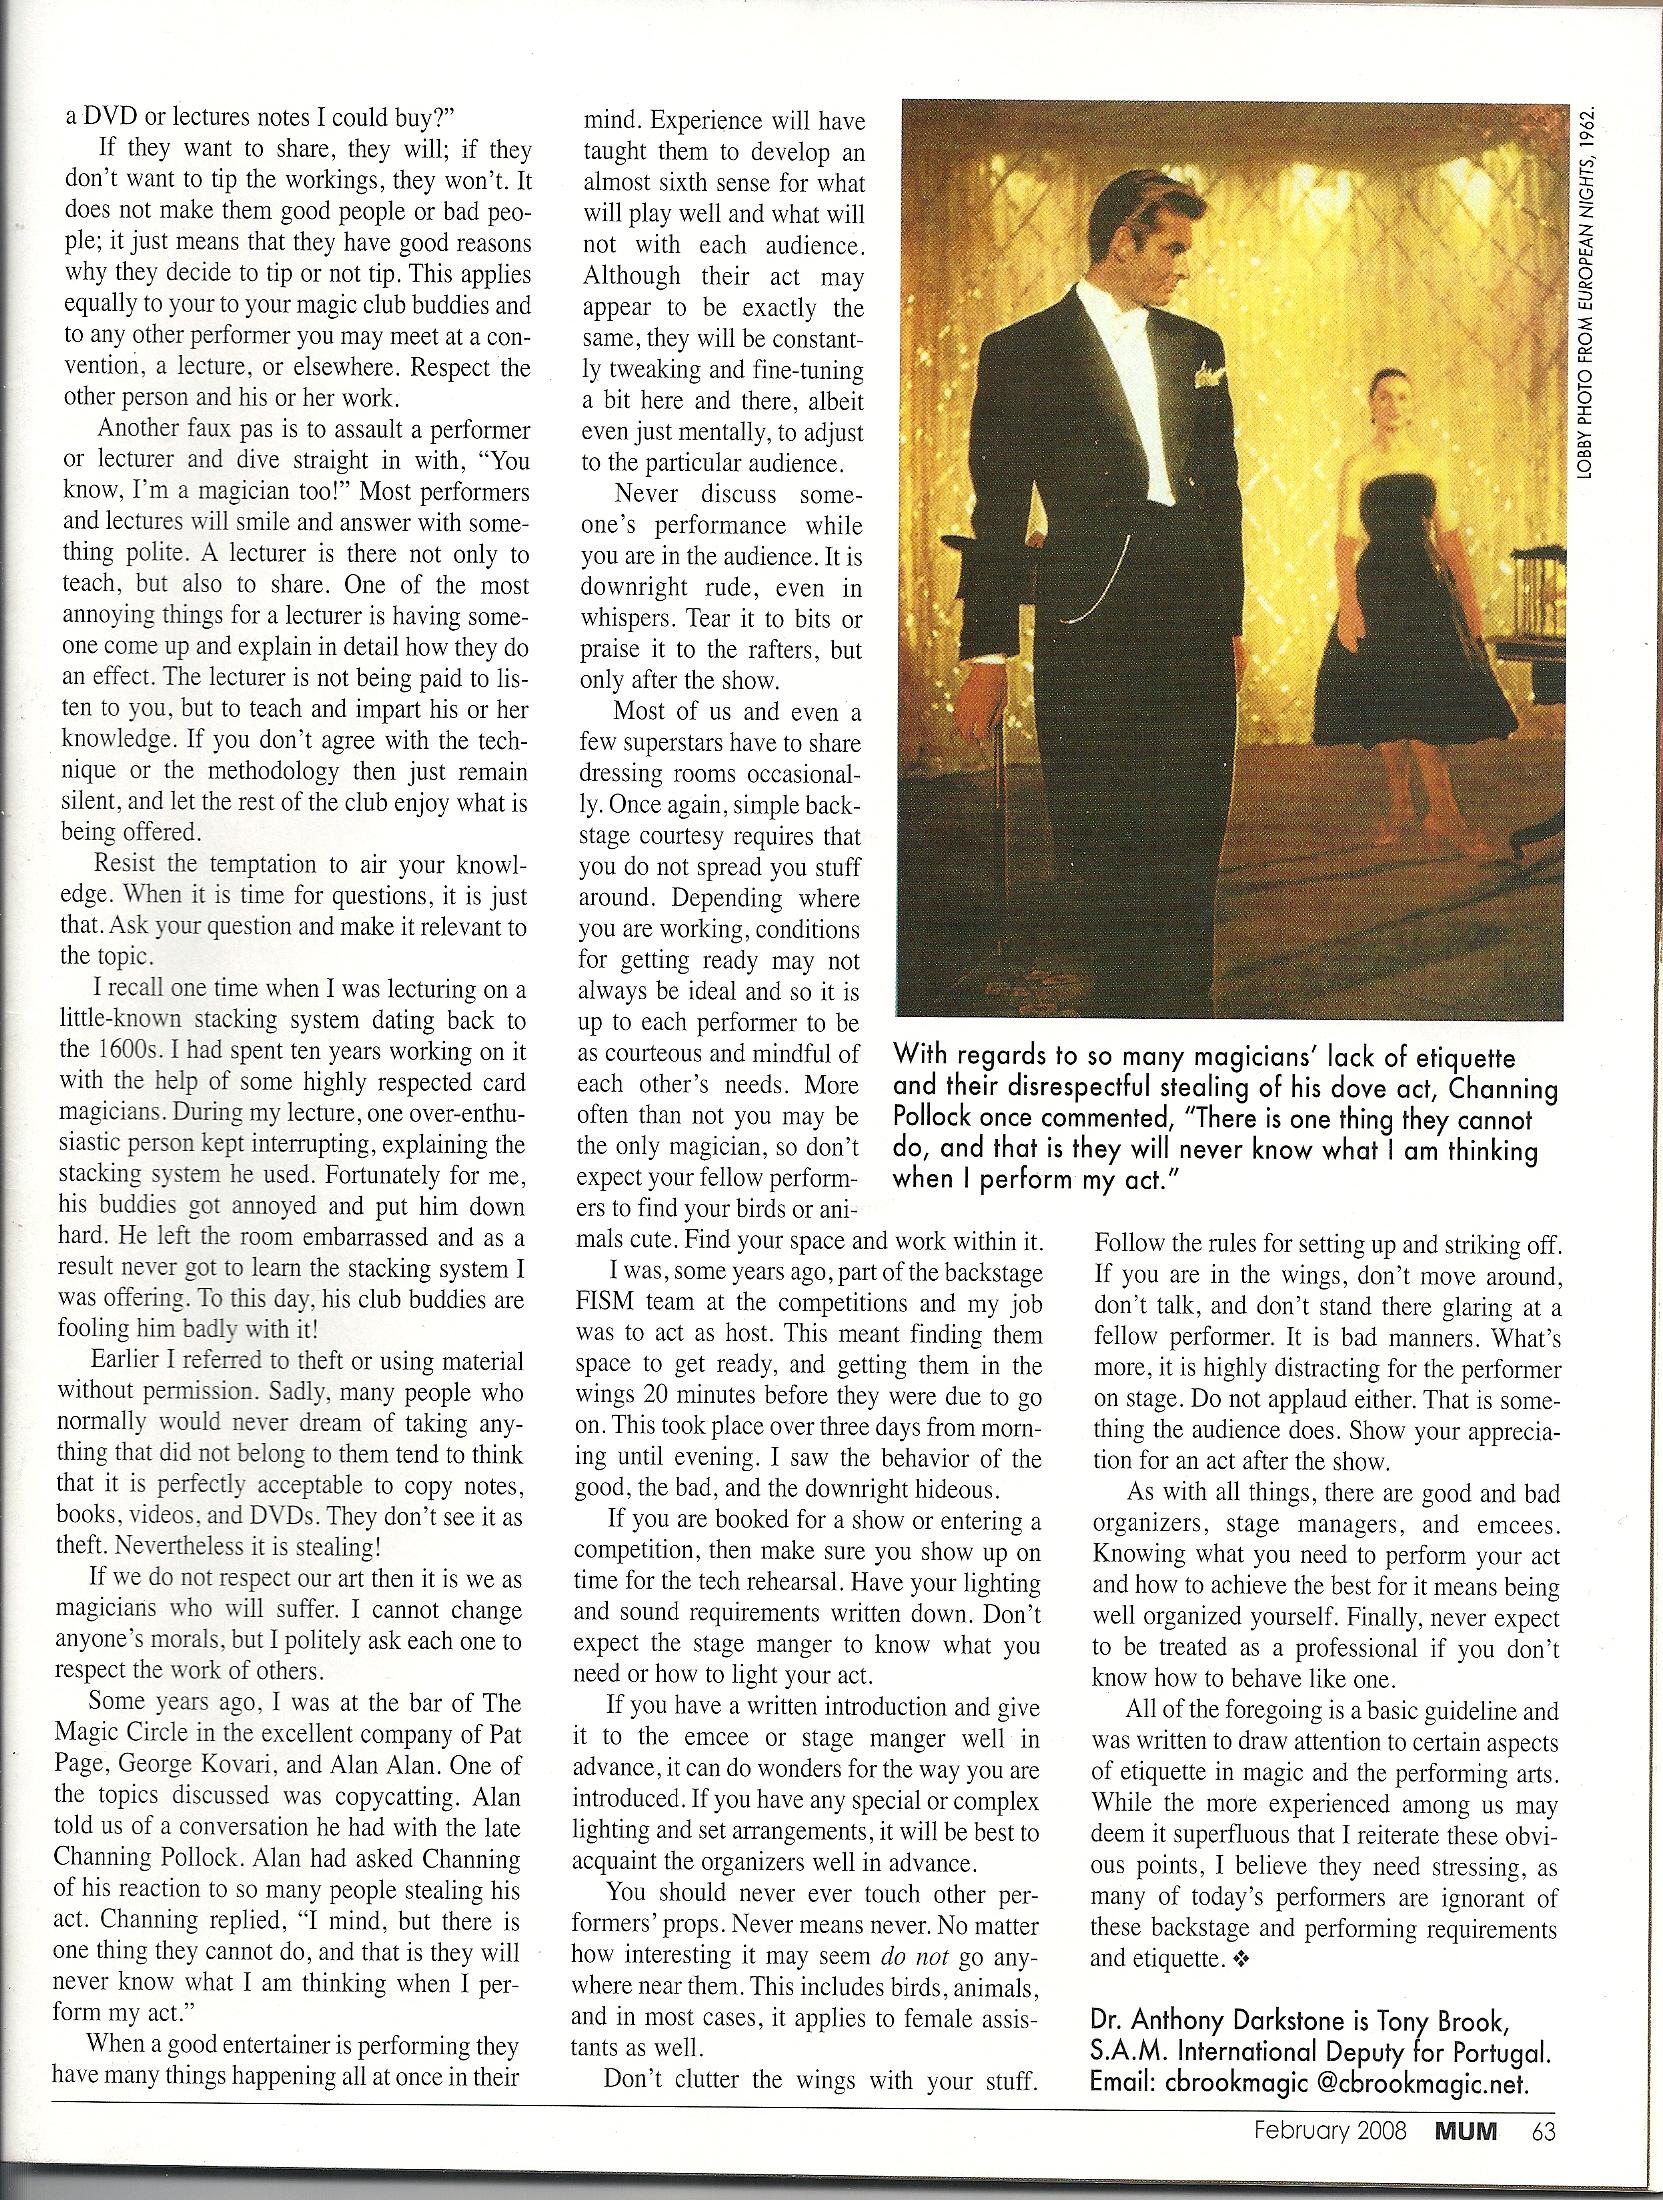 MUM Magazine Feb 2008